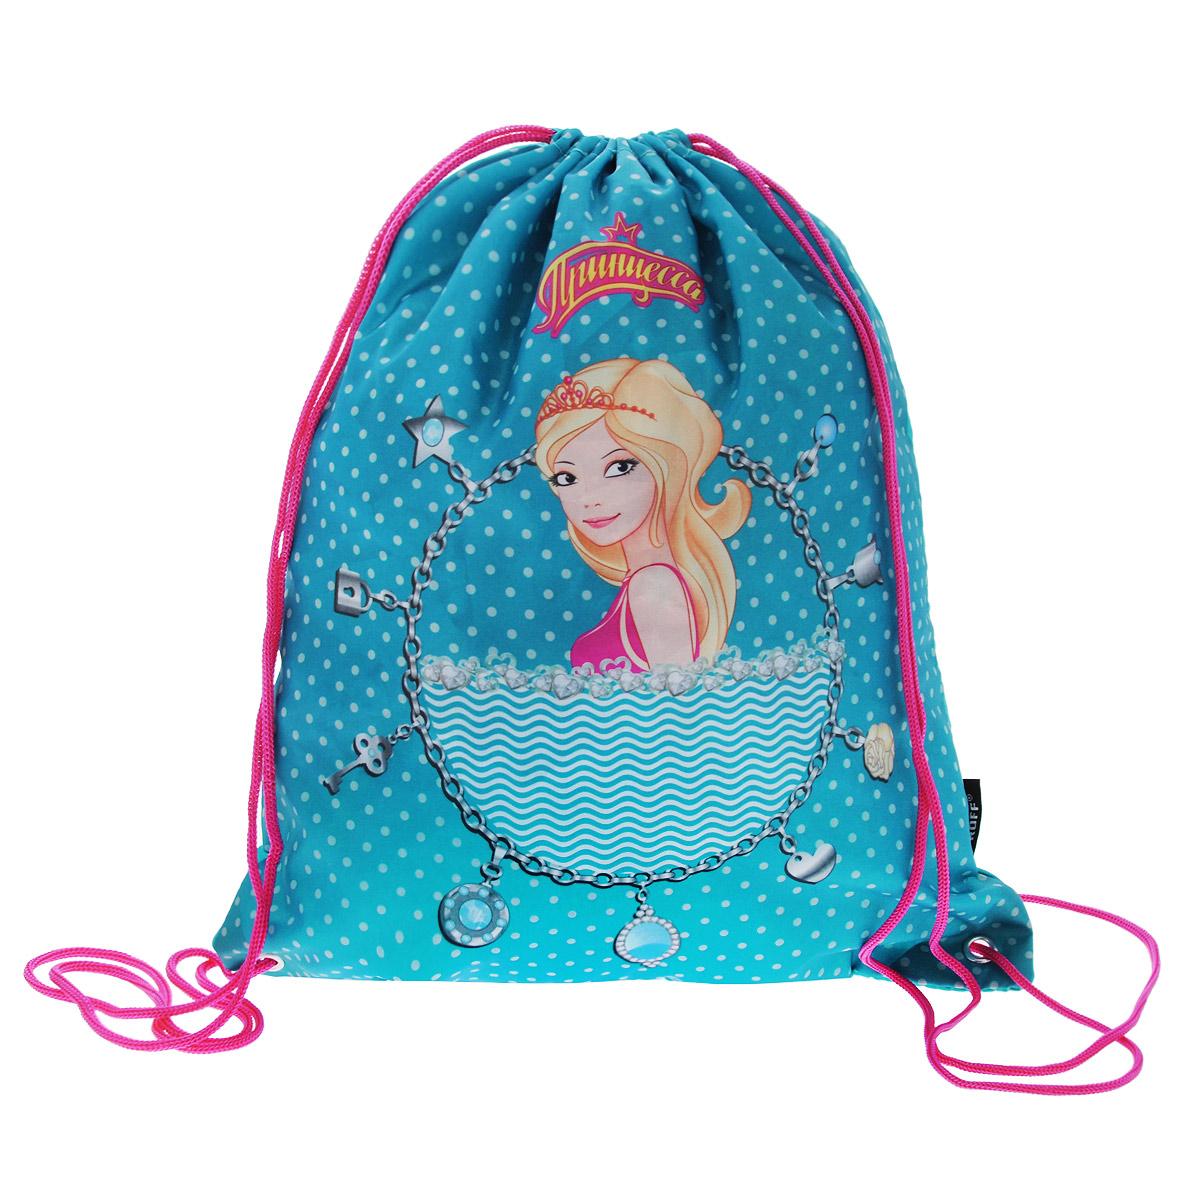 Proff Сумка для сменной обуви Принцесса цвет бирюзовыйSVCB-RT4-9532Сумку Proff Принцесса удобно использовать как для хранения, так и для переноски сменной обуви. Она выполнена из прочного полиэстера и затягивается сверху текстильными шнурками. Сумка оформлена ярким изображением принцессы. Шнурки фиксируются в нижней части сумки, благодаря чему ее можно носить за спиной как рюкзак. Рекомендовано для детей старше трех лет.